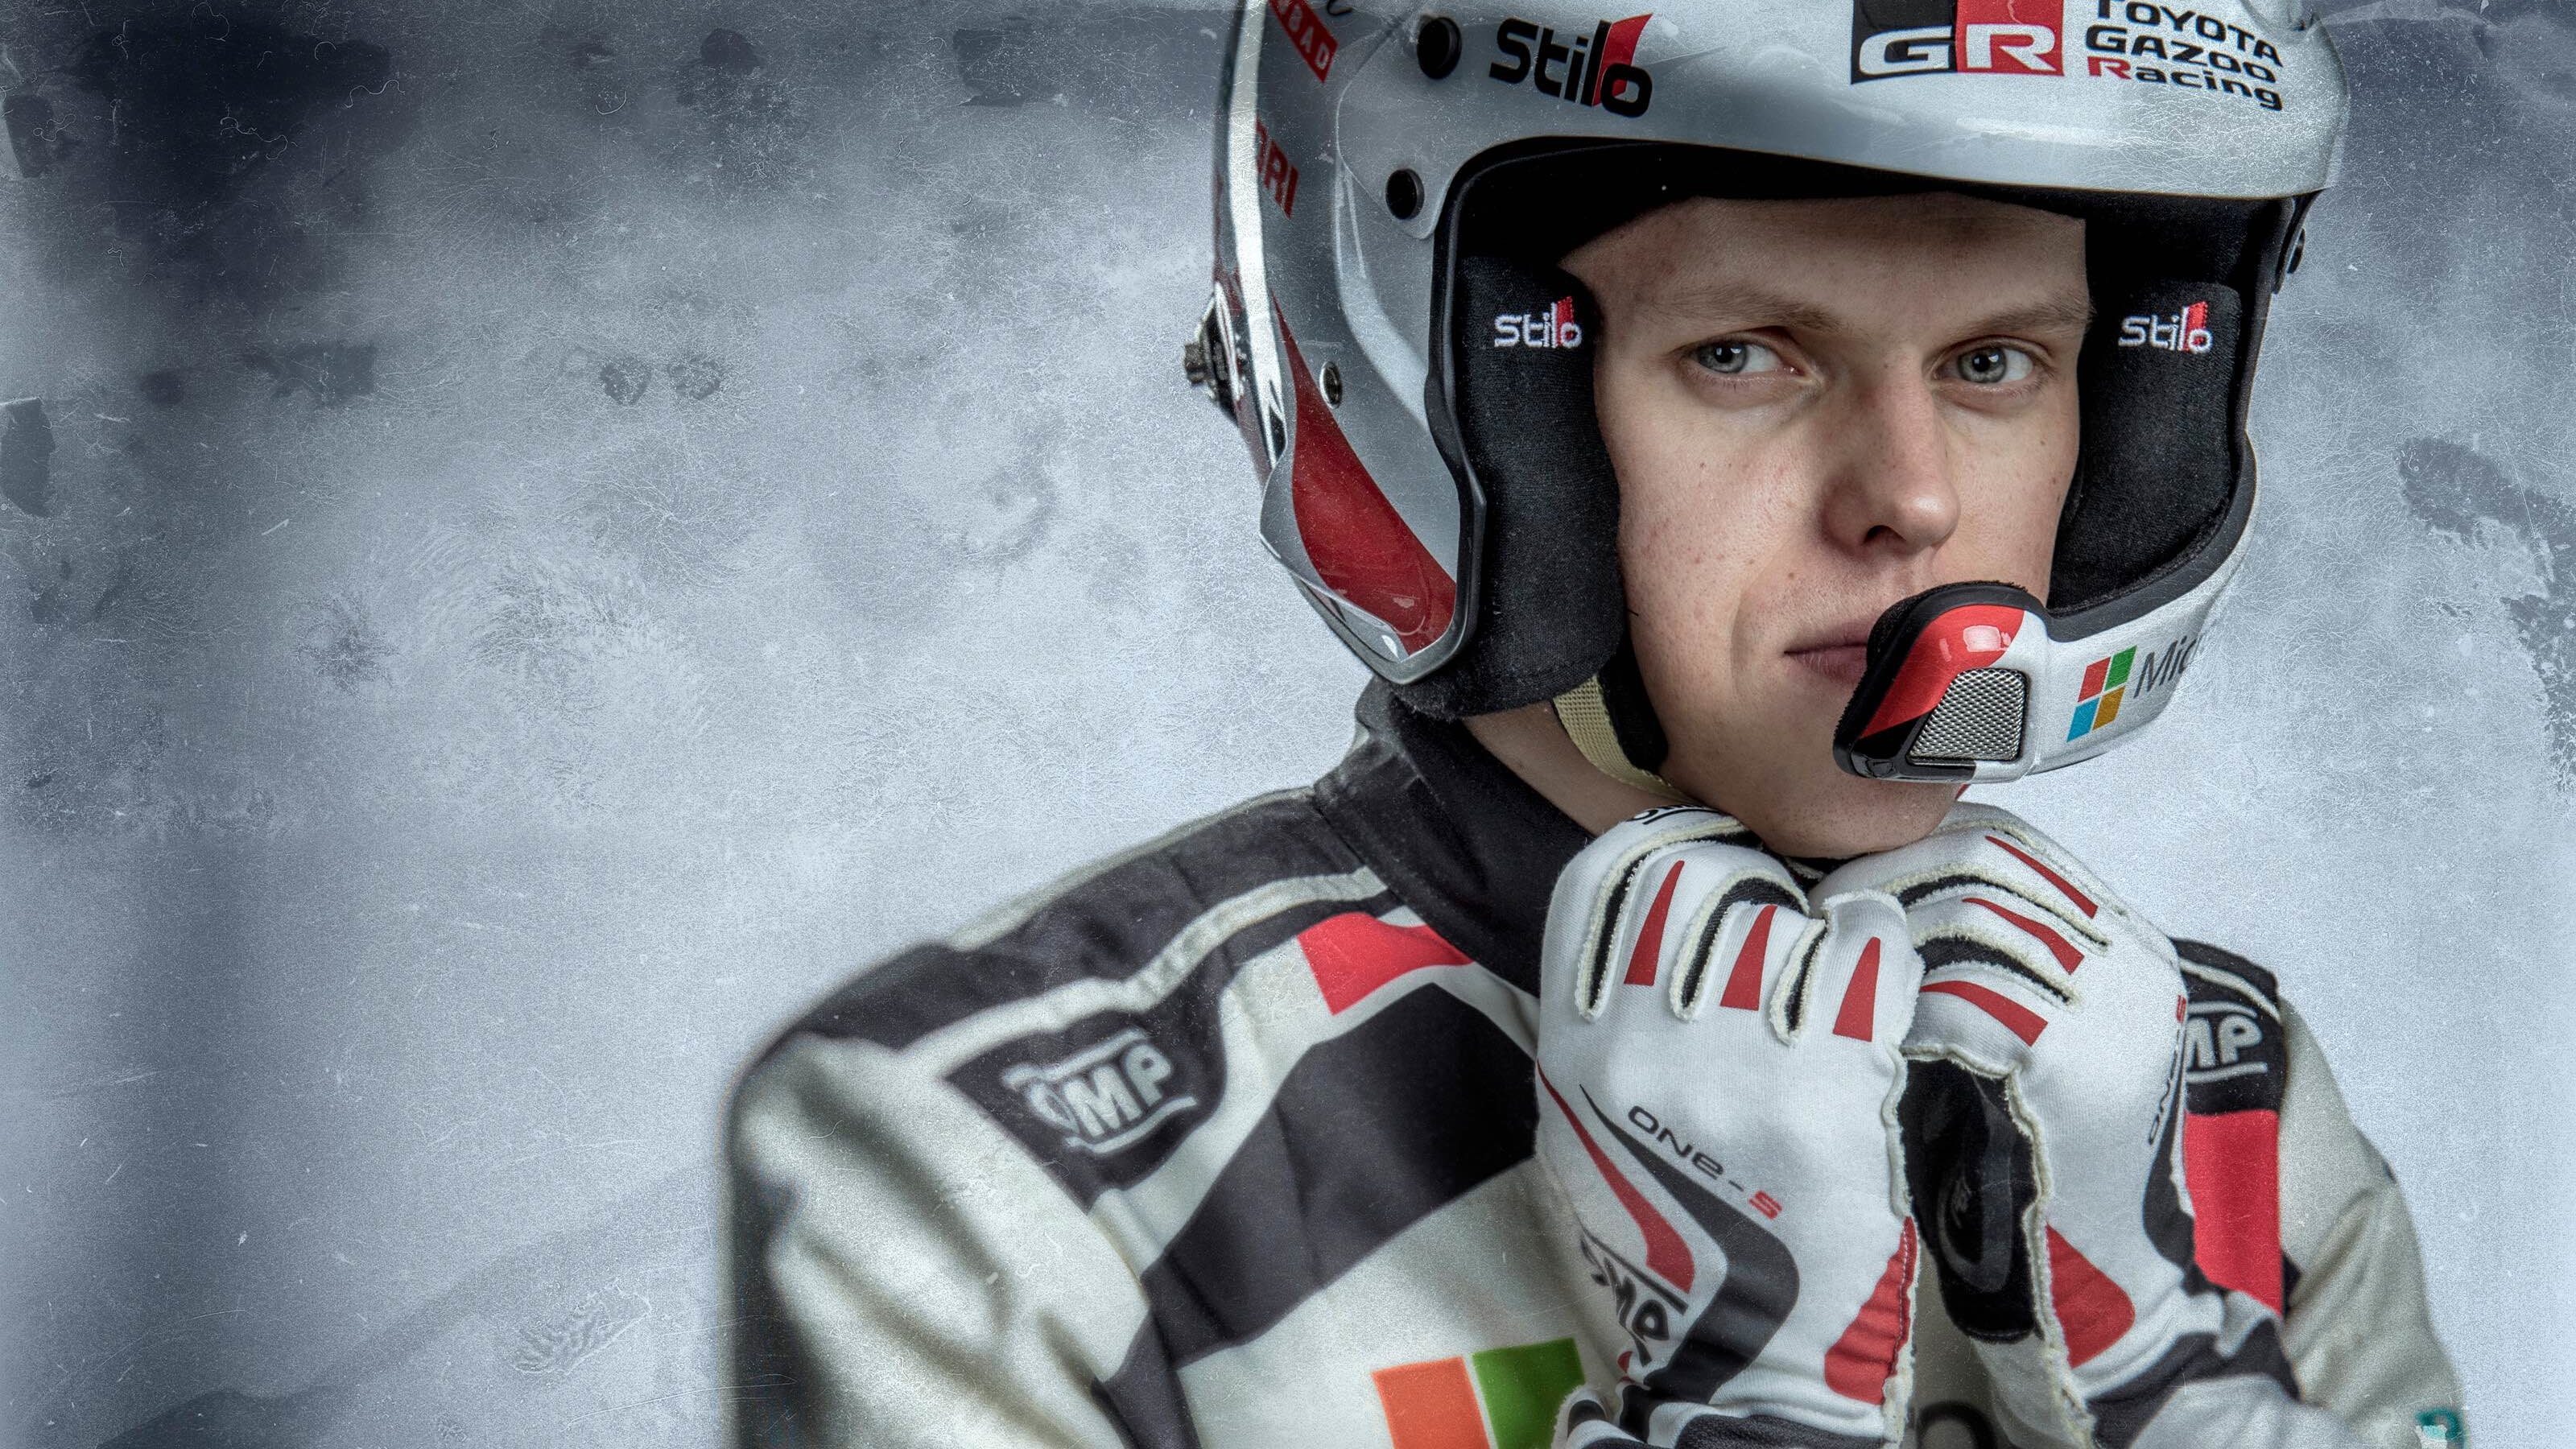 Can Tänak hold off Ogier's challenge in Corsica?